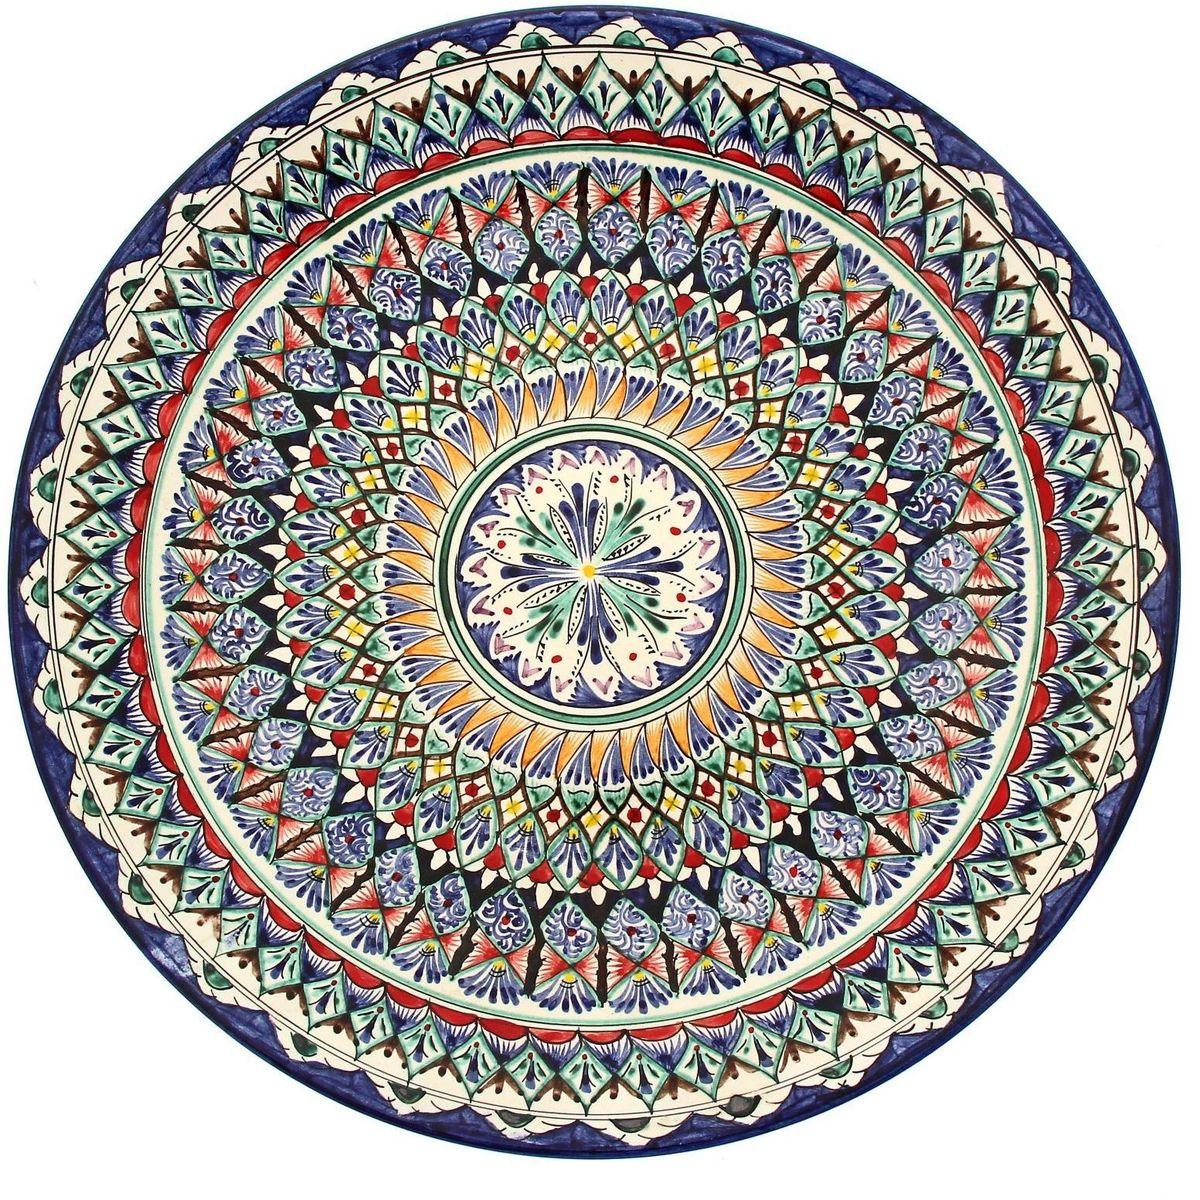 Ляган Риштанская керамика, диаметр 41 см. 19242231924223Ляган — это не просто обеденный атрибут, это украшение стола. Посуда с национальной росписью станет отменным подарком для ценителей высокородной посуды.Риштан — город на востоке Узбекистана, один из древнейших в Ферганской долине. С давних времён Риштан славится своим гончарным искусством изготовления цветной керамики. Красноватую глину для изделия добывают в самом городе. Мастера утверждают, что их глина настолько высокого качества, что даже не нуждается в предварительной обработке. Дополните коллекцию кухонных аксессуаров пряными восточными нотами.